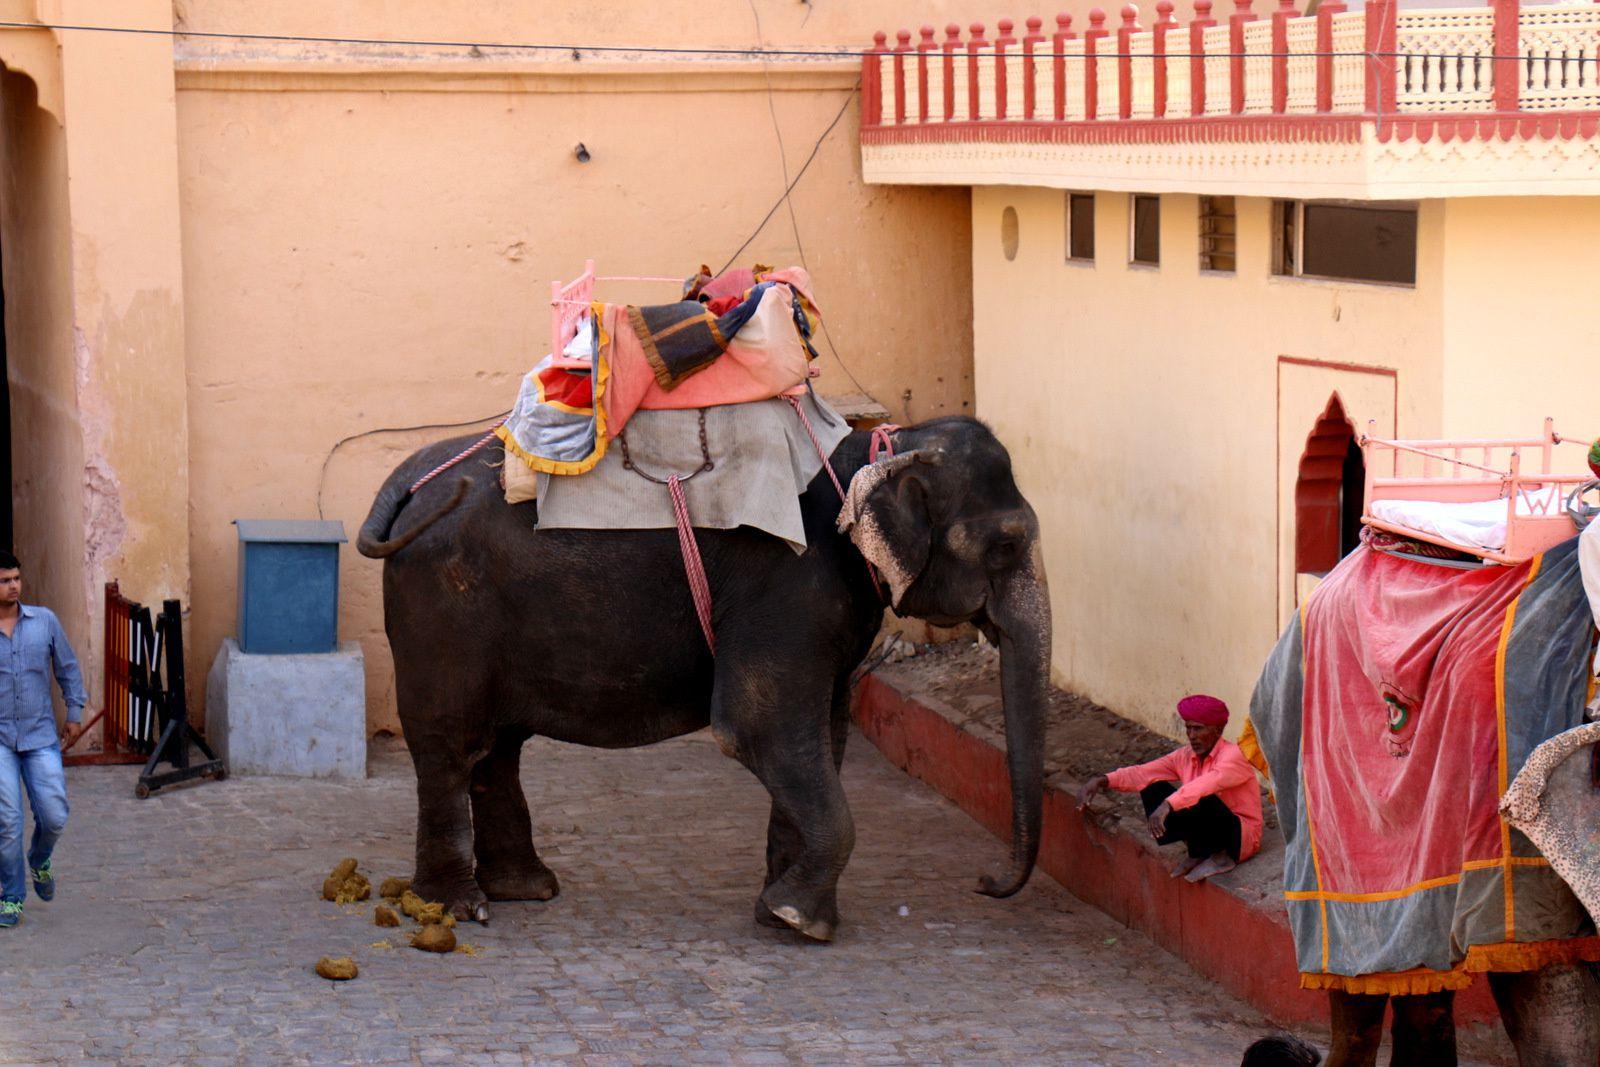 Les éléphants du fort d'Amber, Rajasthan (Inde)